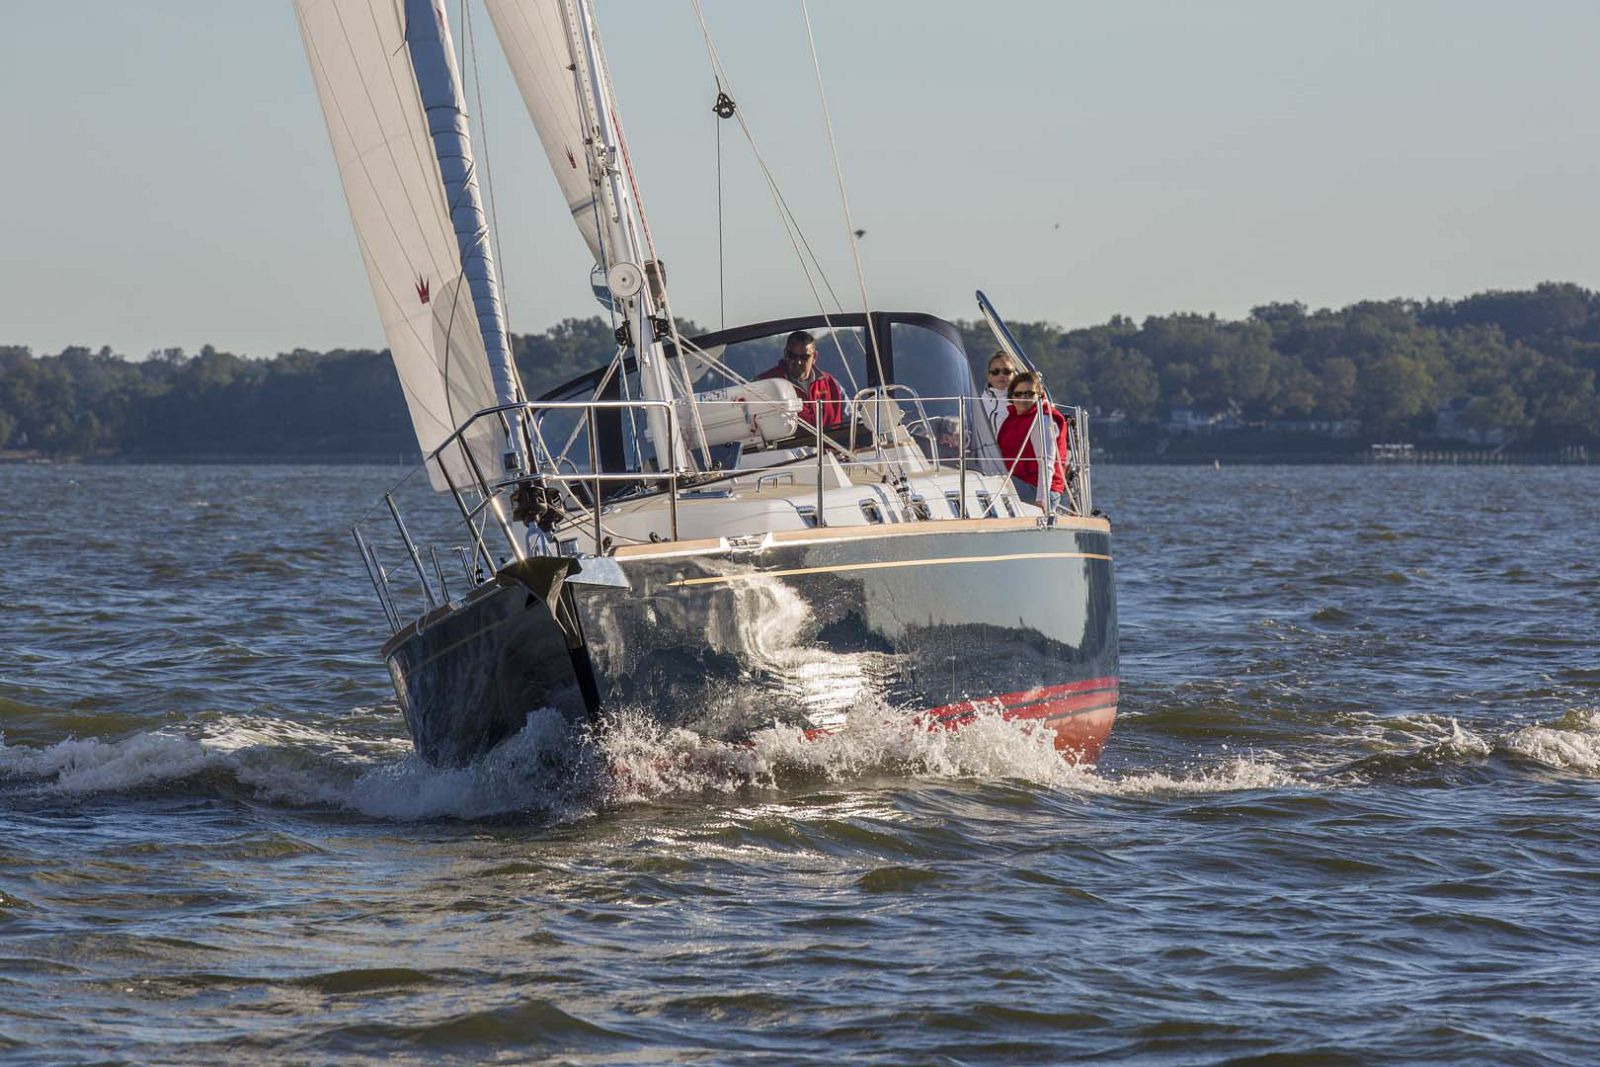 Le voilier de croisière Tartan Yachts 395 est un rappel audacieux de la grandeur du constructeur